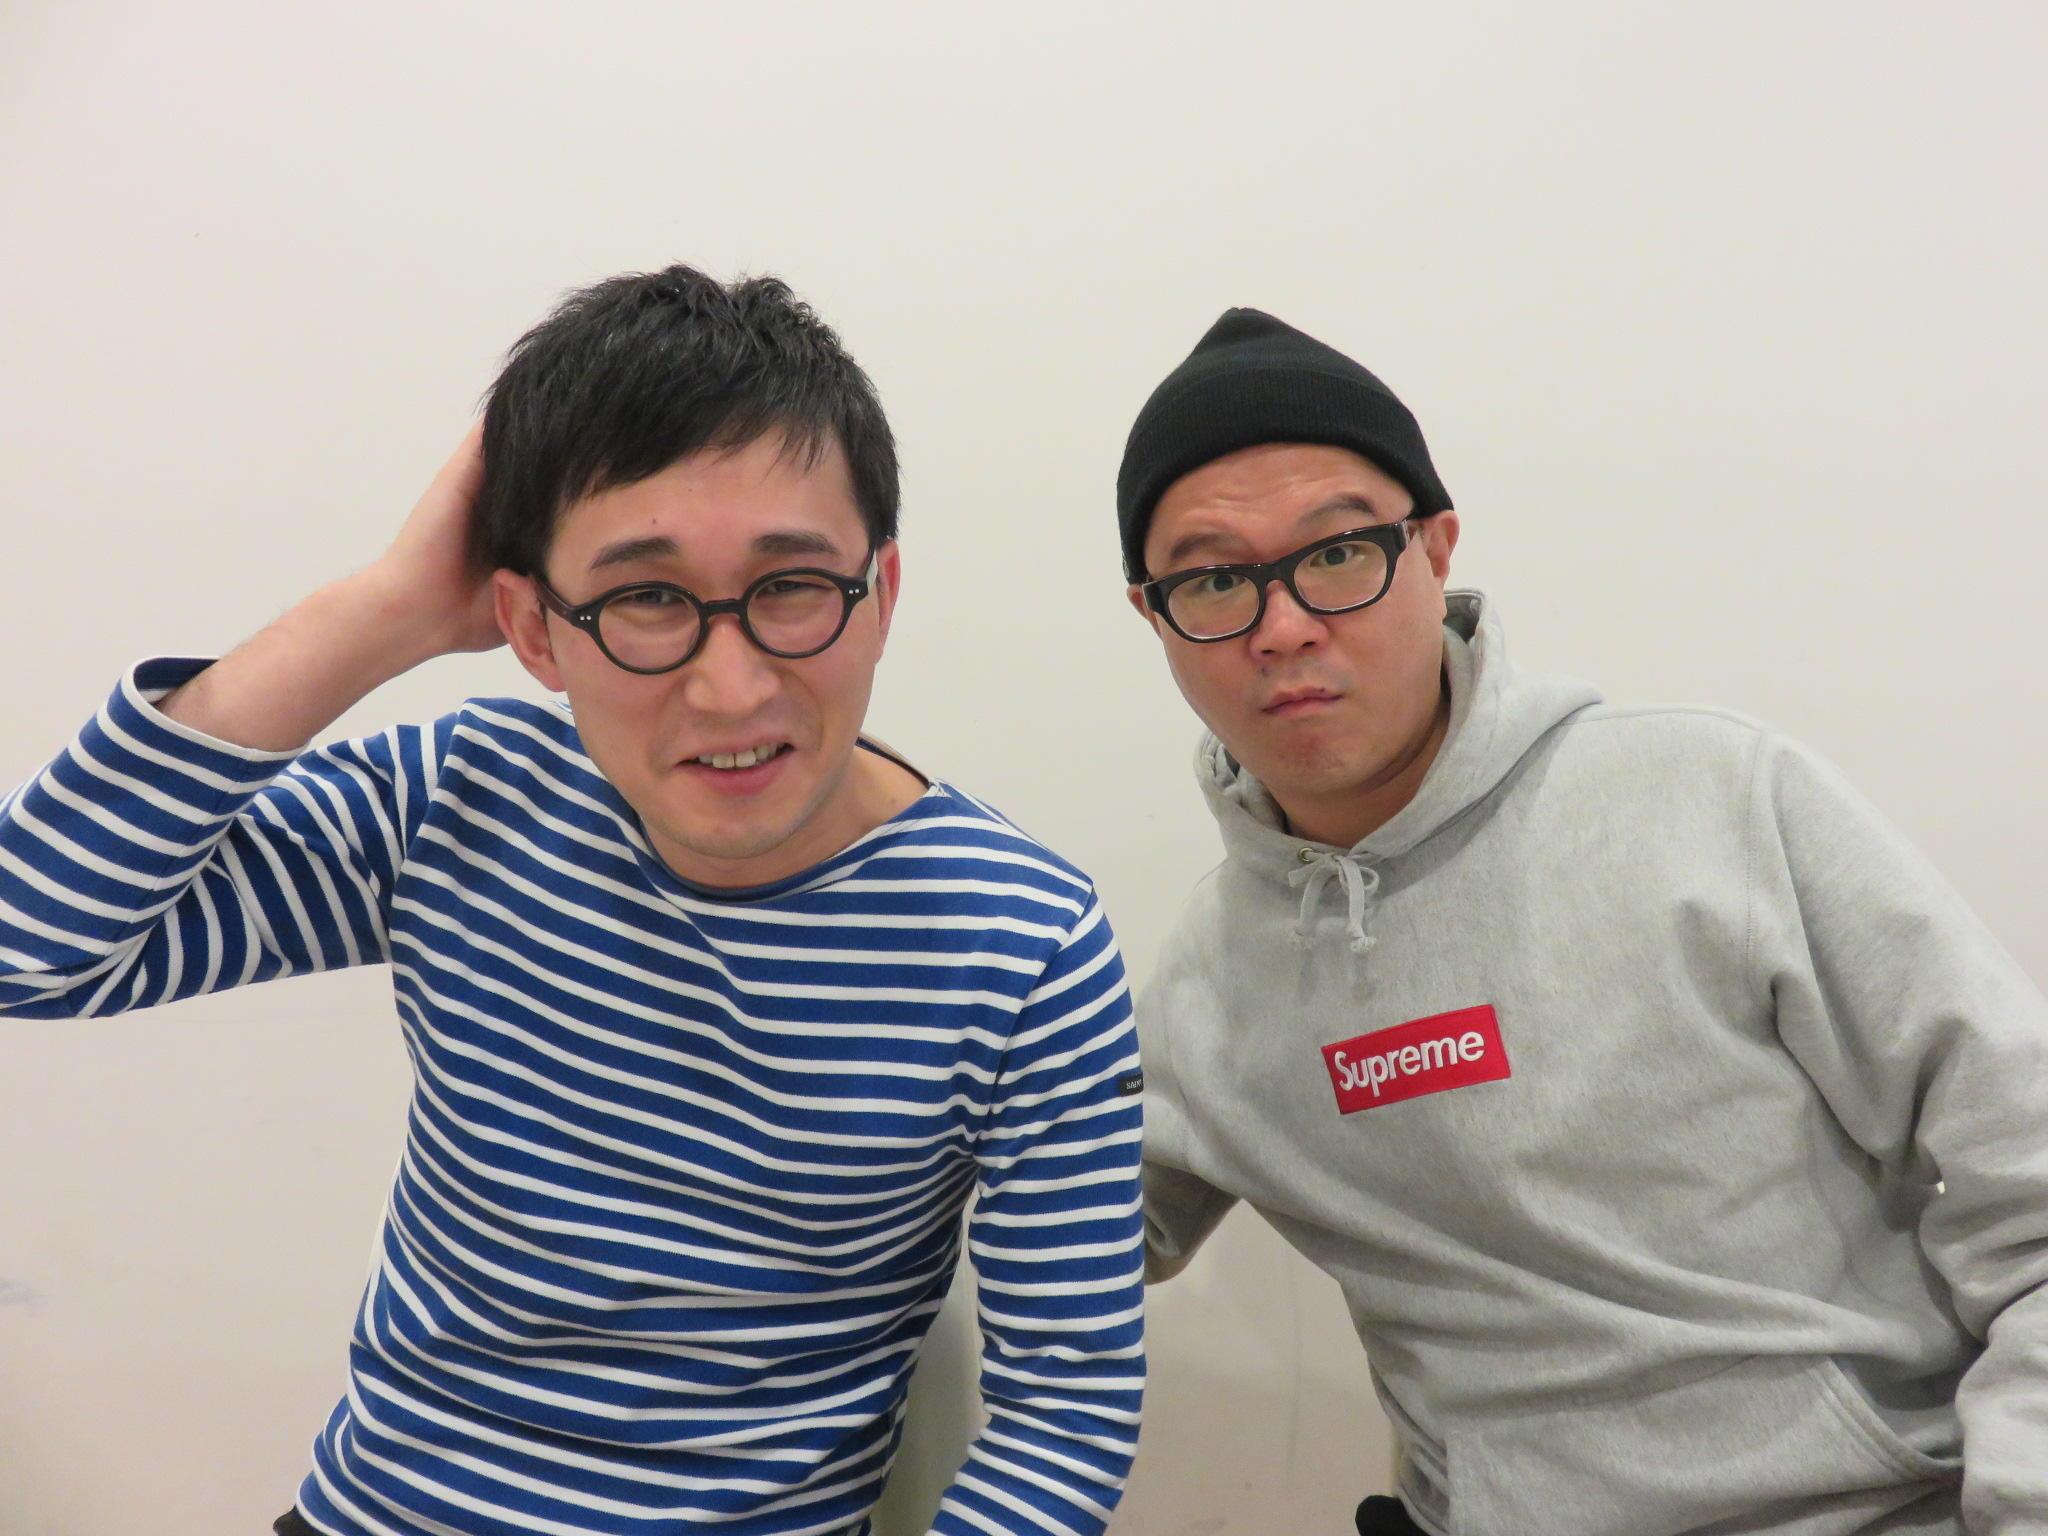 http://news.yoshimoto.co.jp/20161227194307-2473182272398bc06f5afc4055411fbe2ca1b342.jpg